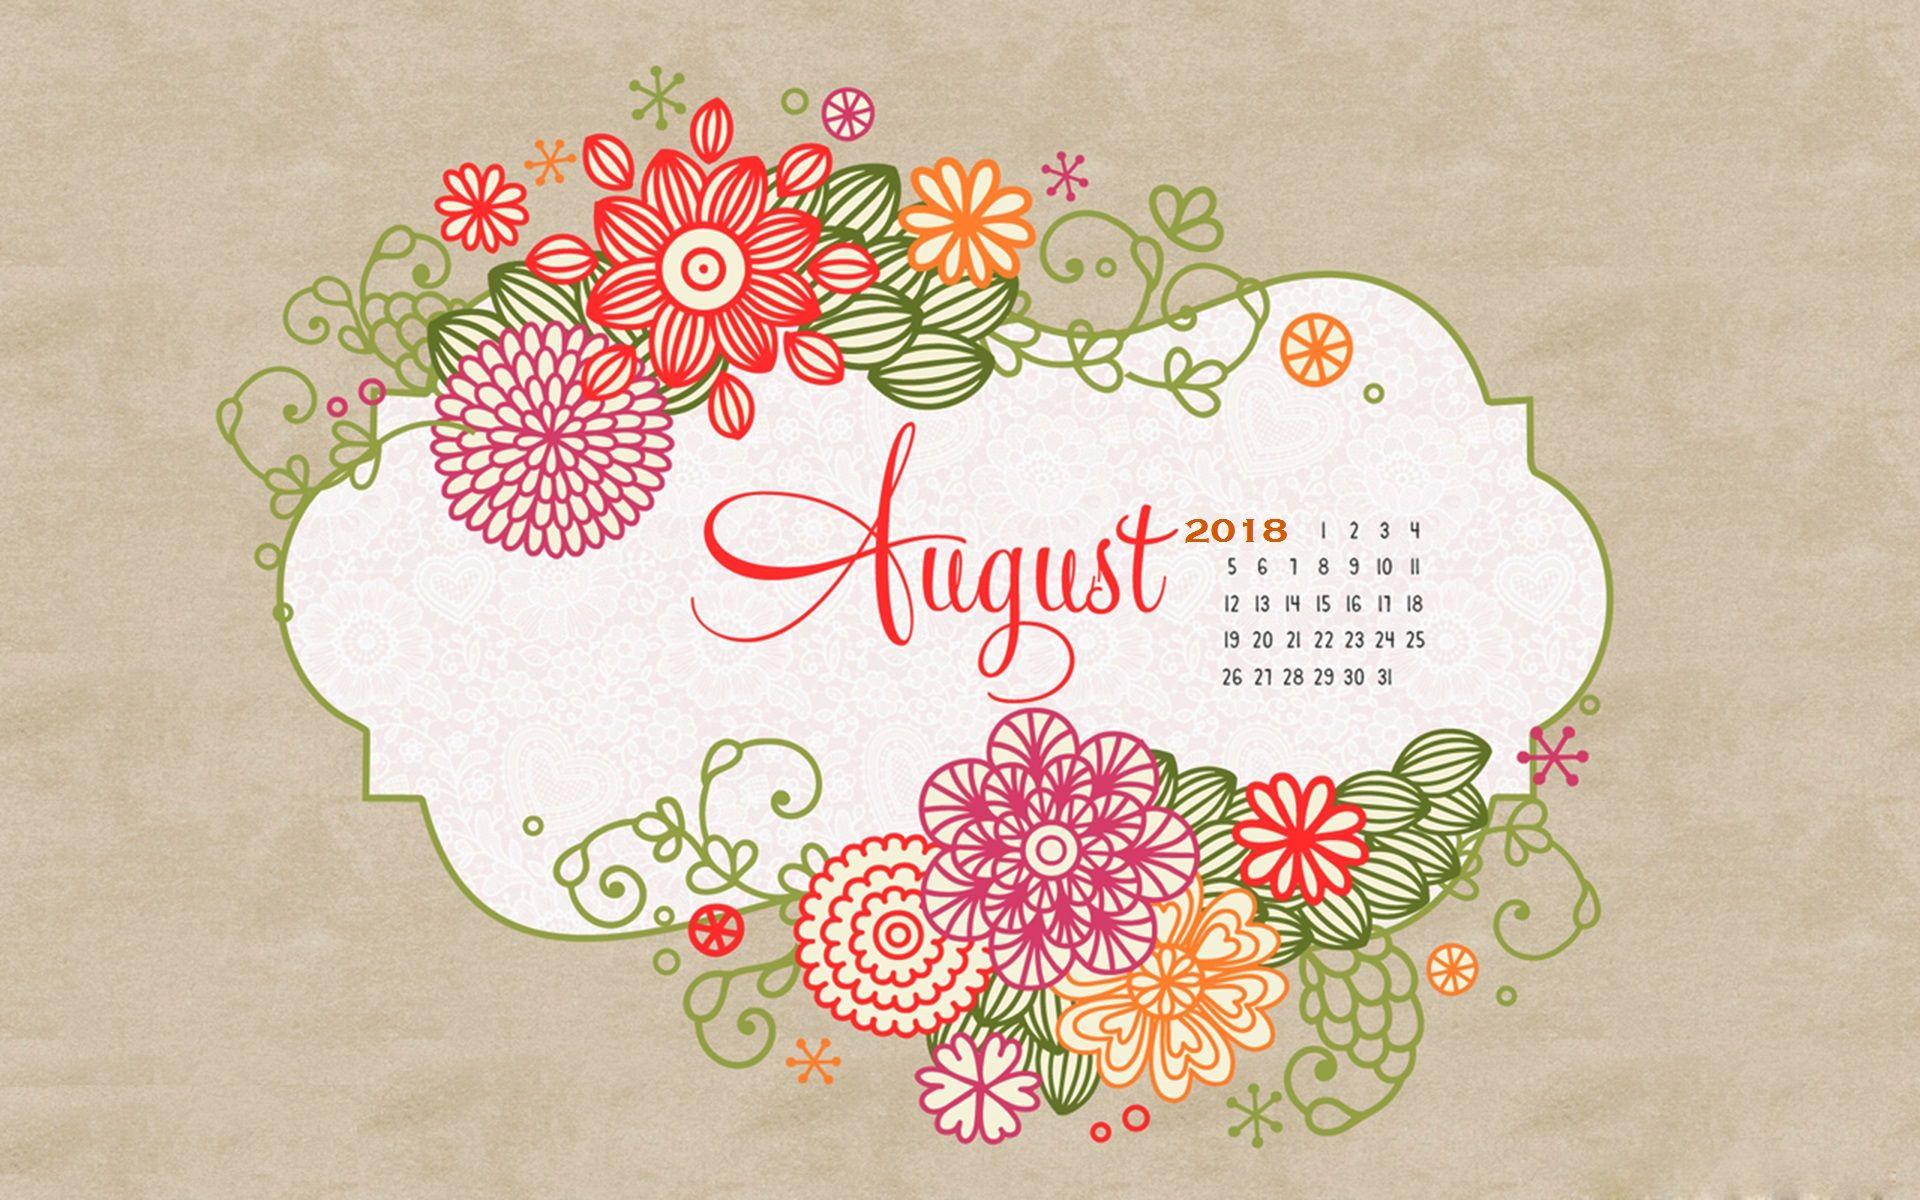 August 2018 Desktop Background Calendar Calendar Wallpaper Calendar 2019 Design August Wallpaper